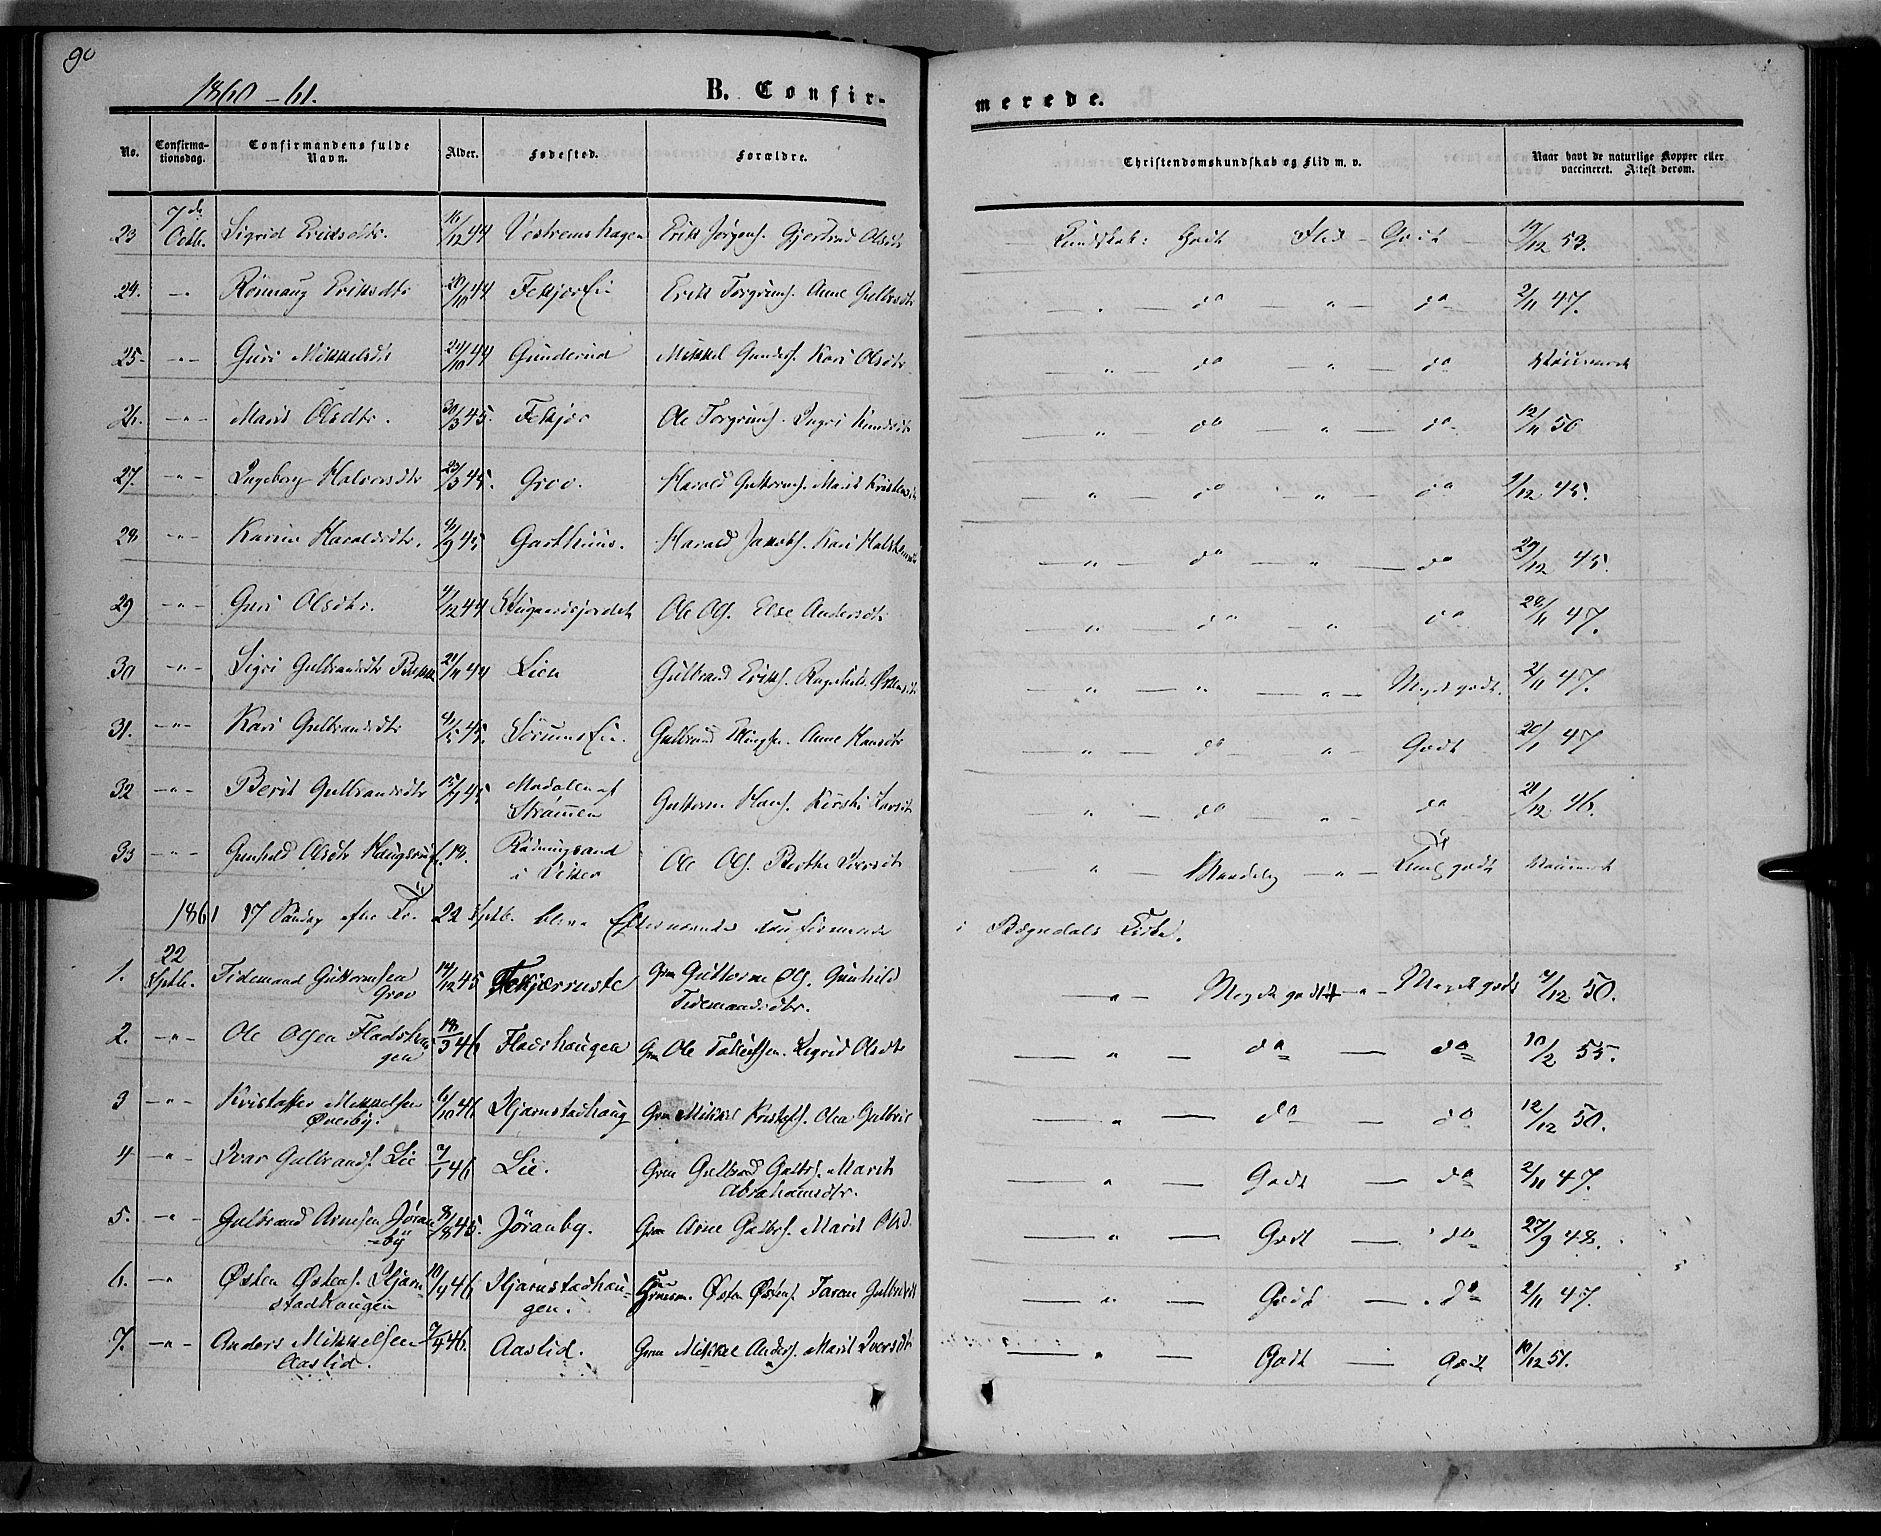 SAH, Sør-Aurdal prestekontor, Ministerialbok nr. 7, 1849-1876, s. 90